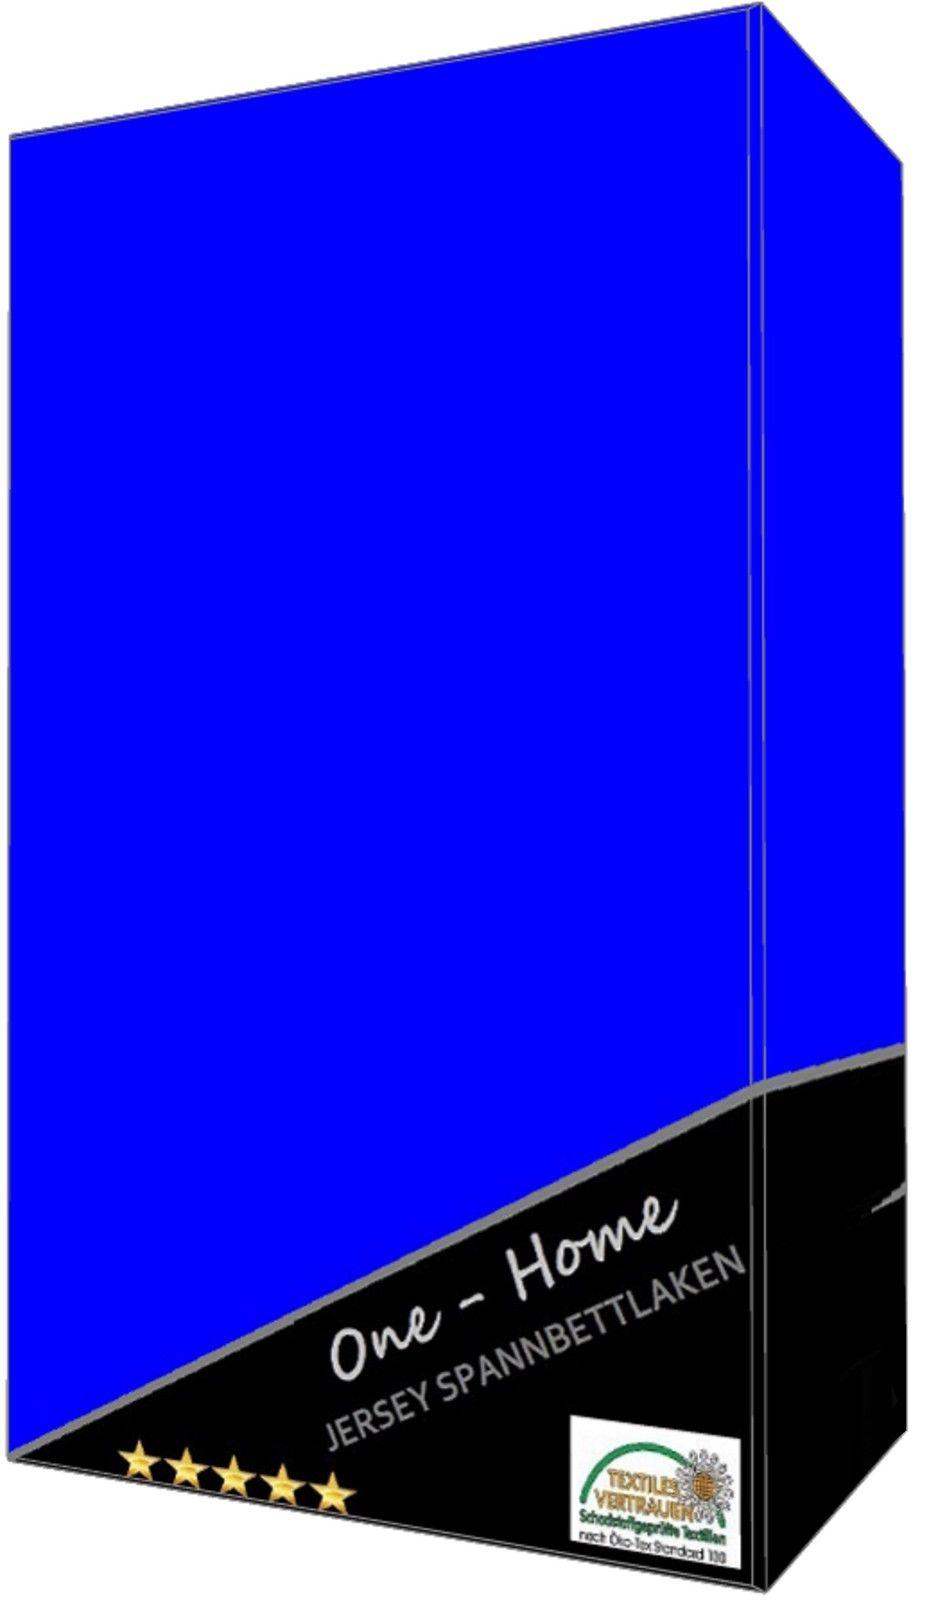 VASE BLUMENVASE GLAS MIT PLATINRAND 16cm 21cm PLATIN TISCHVASE BLUMENVASE GLAS